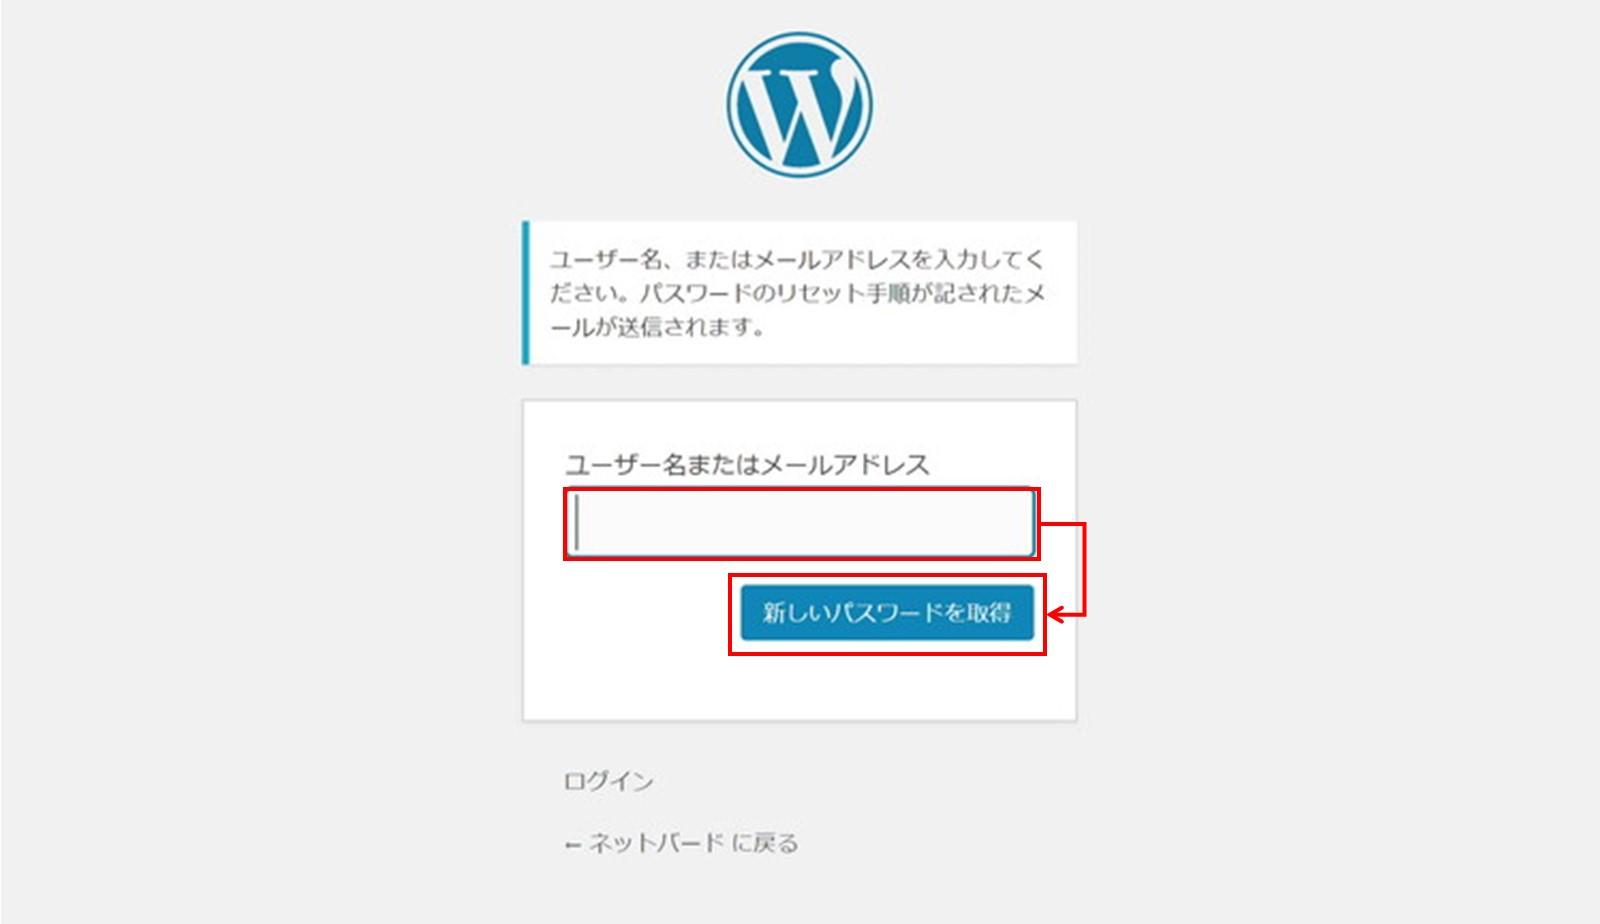 ユーザー名または登録メールアドレス入力